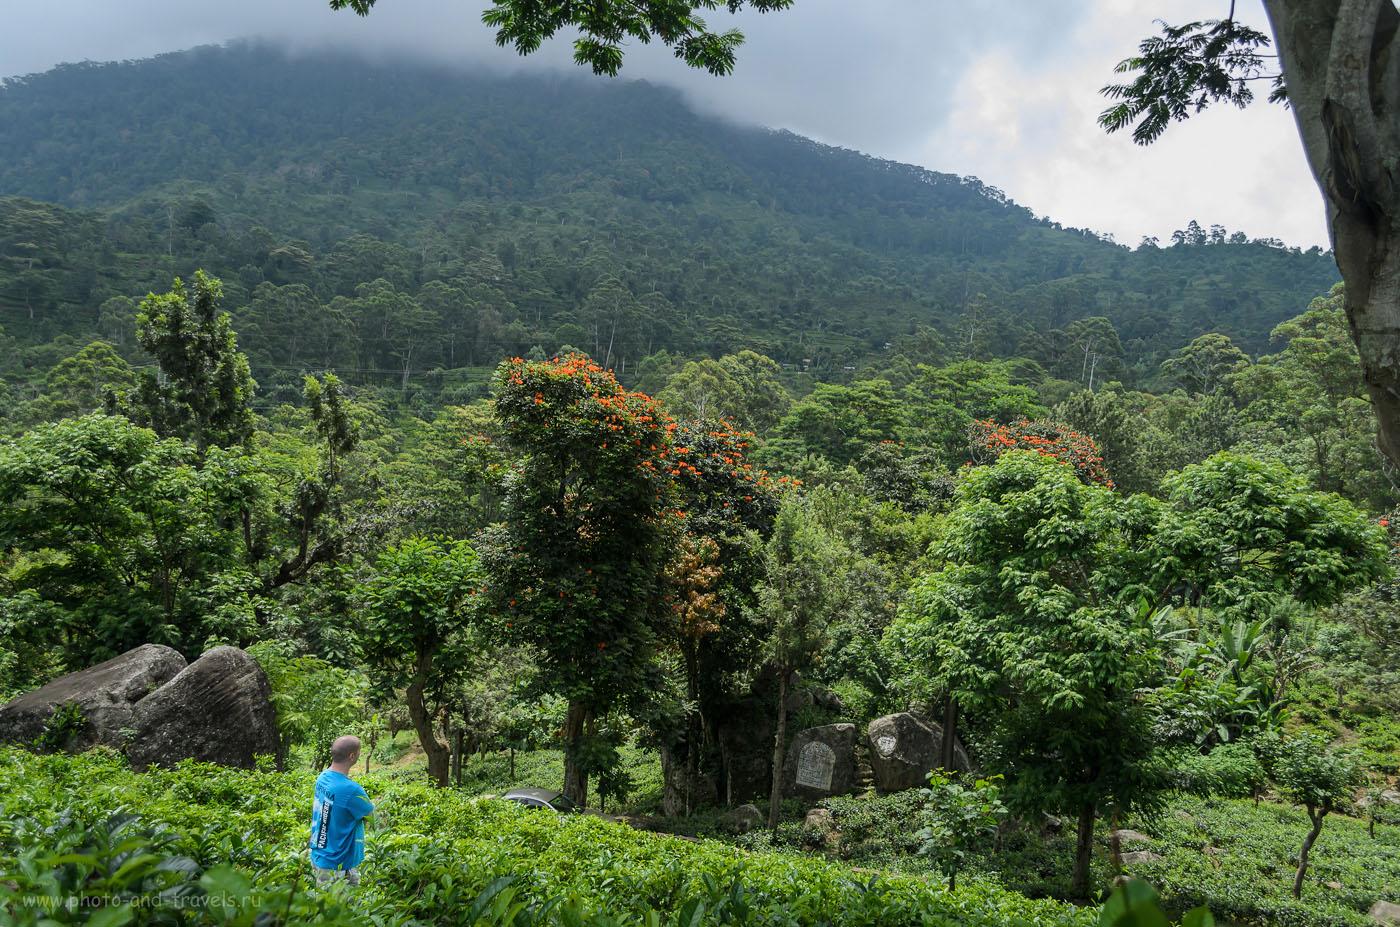 Фото 7. Такими замечательными видами мы любовались на участке дороги Kalupahana – Agarapatana – Norwood – Maskeliya – Nallatanniya во время нашего самостоятельного путешествия по Шри-Ланке за рулем арендованной машины